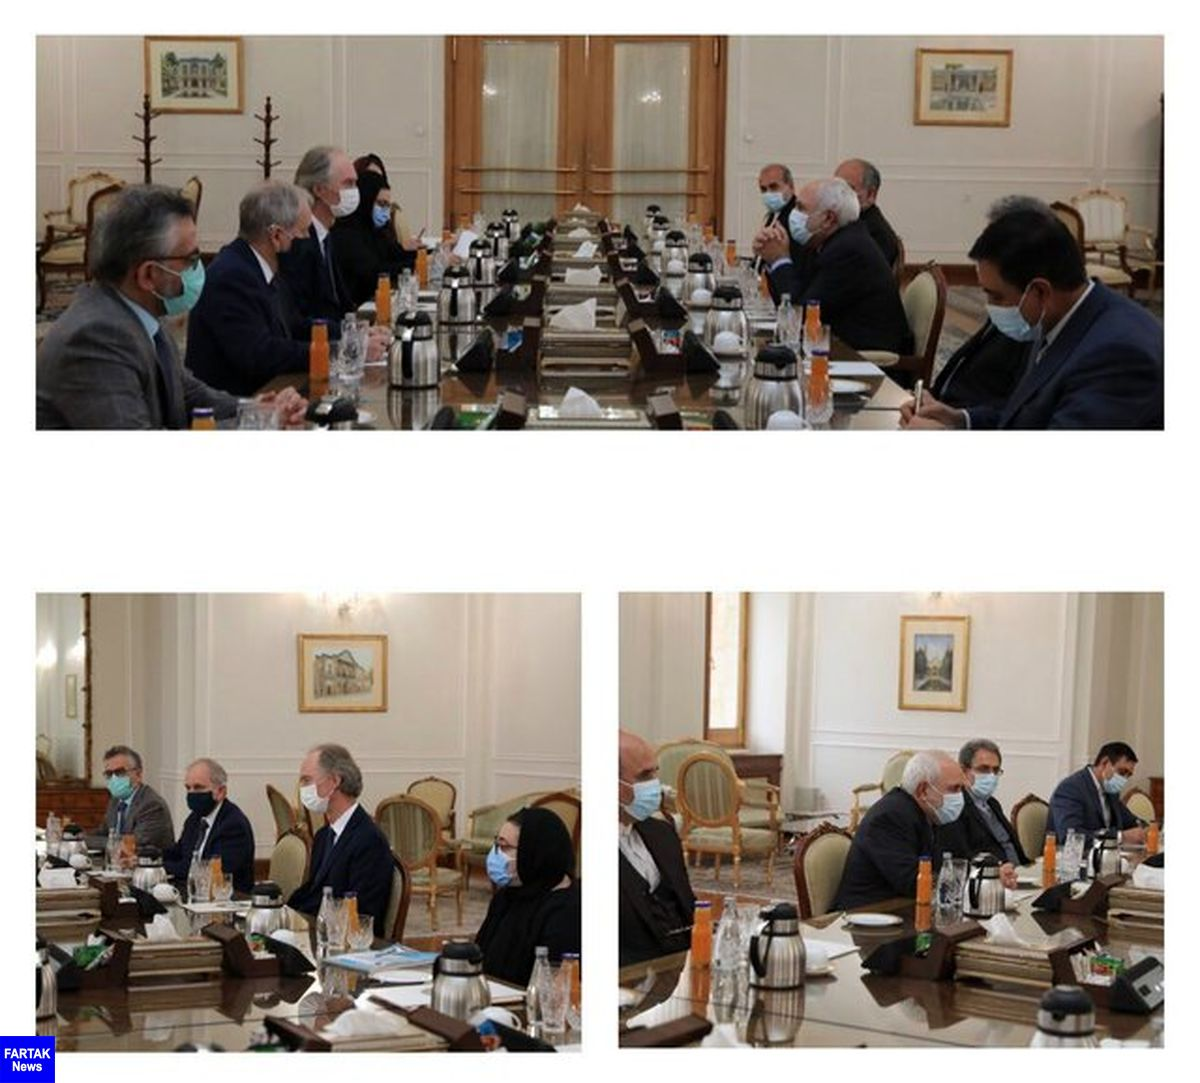 تاکید ظریف لزوم برداشتن تحریمهای ظالمانه و غیر عادلانه علیه دولت و مردم سوریه